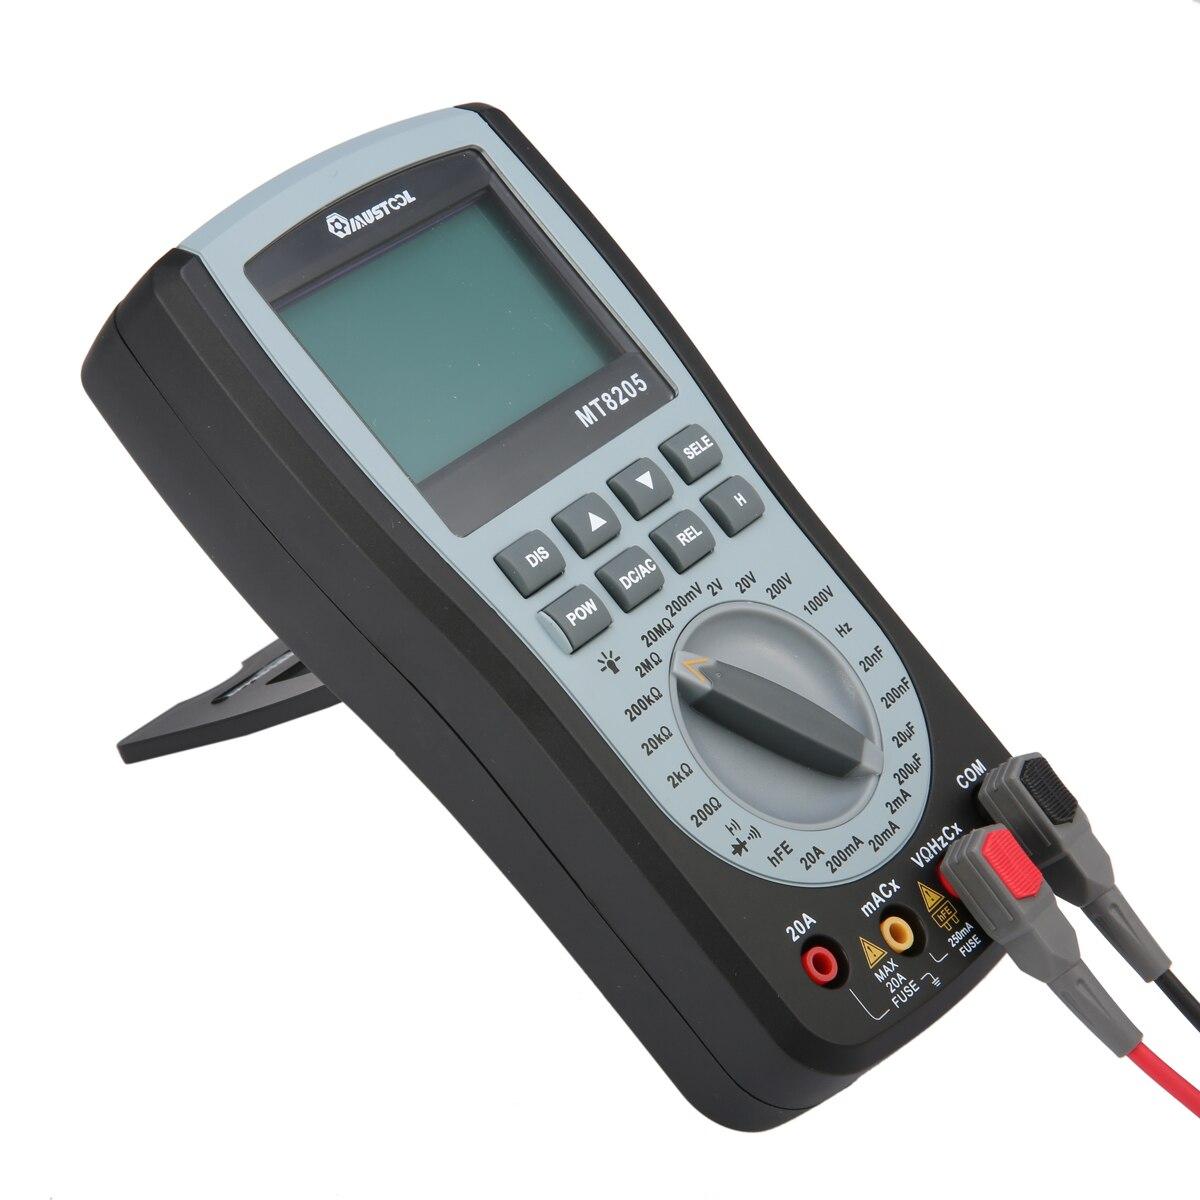 Mutabouret MT8205 2 en 1 numérique Intelligent portable stockage Oscilloscope multimètre courant tension résistance fréquence testeur - 3